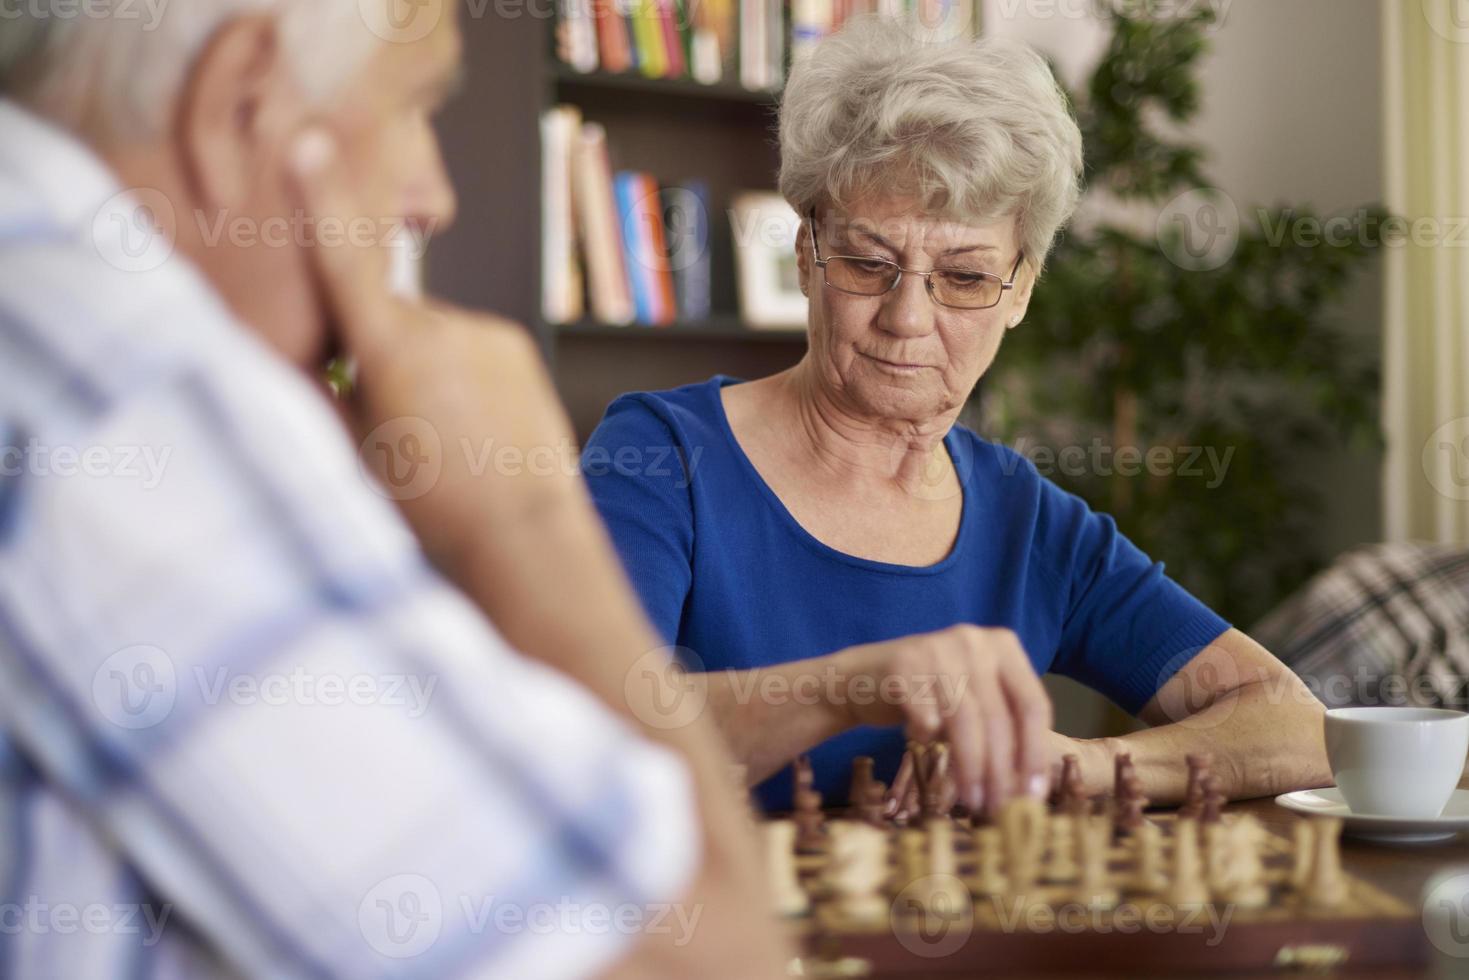 schaken is een spel dat geduld vereist foto